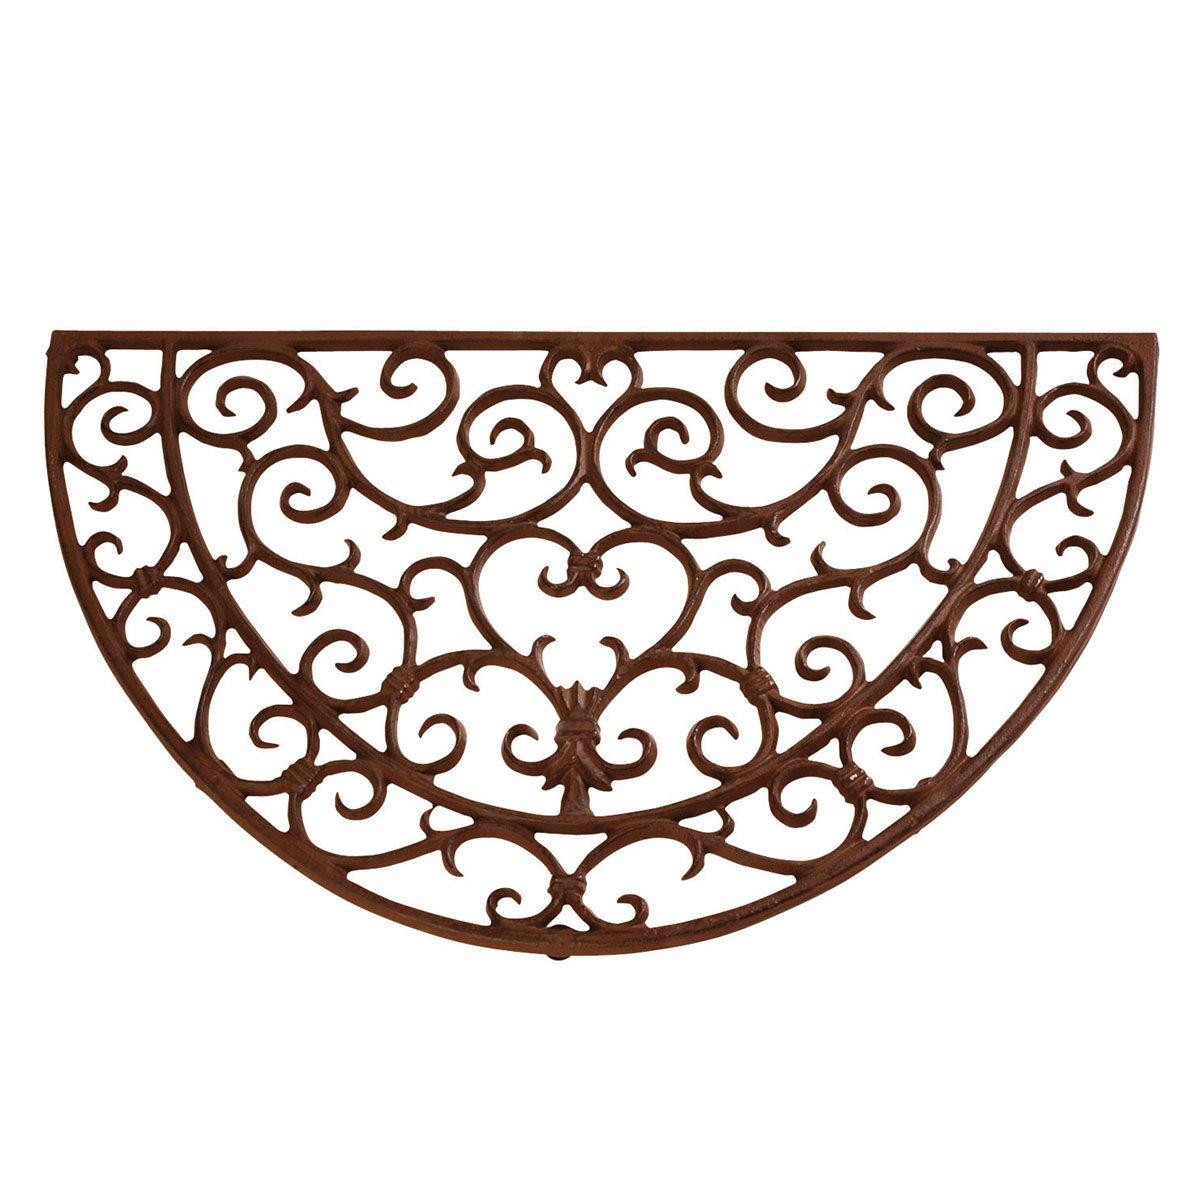 Fußmatte Viktoria, 2,3x40x69 cm, Gusseisen, braun